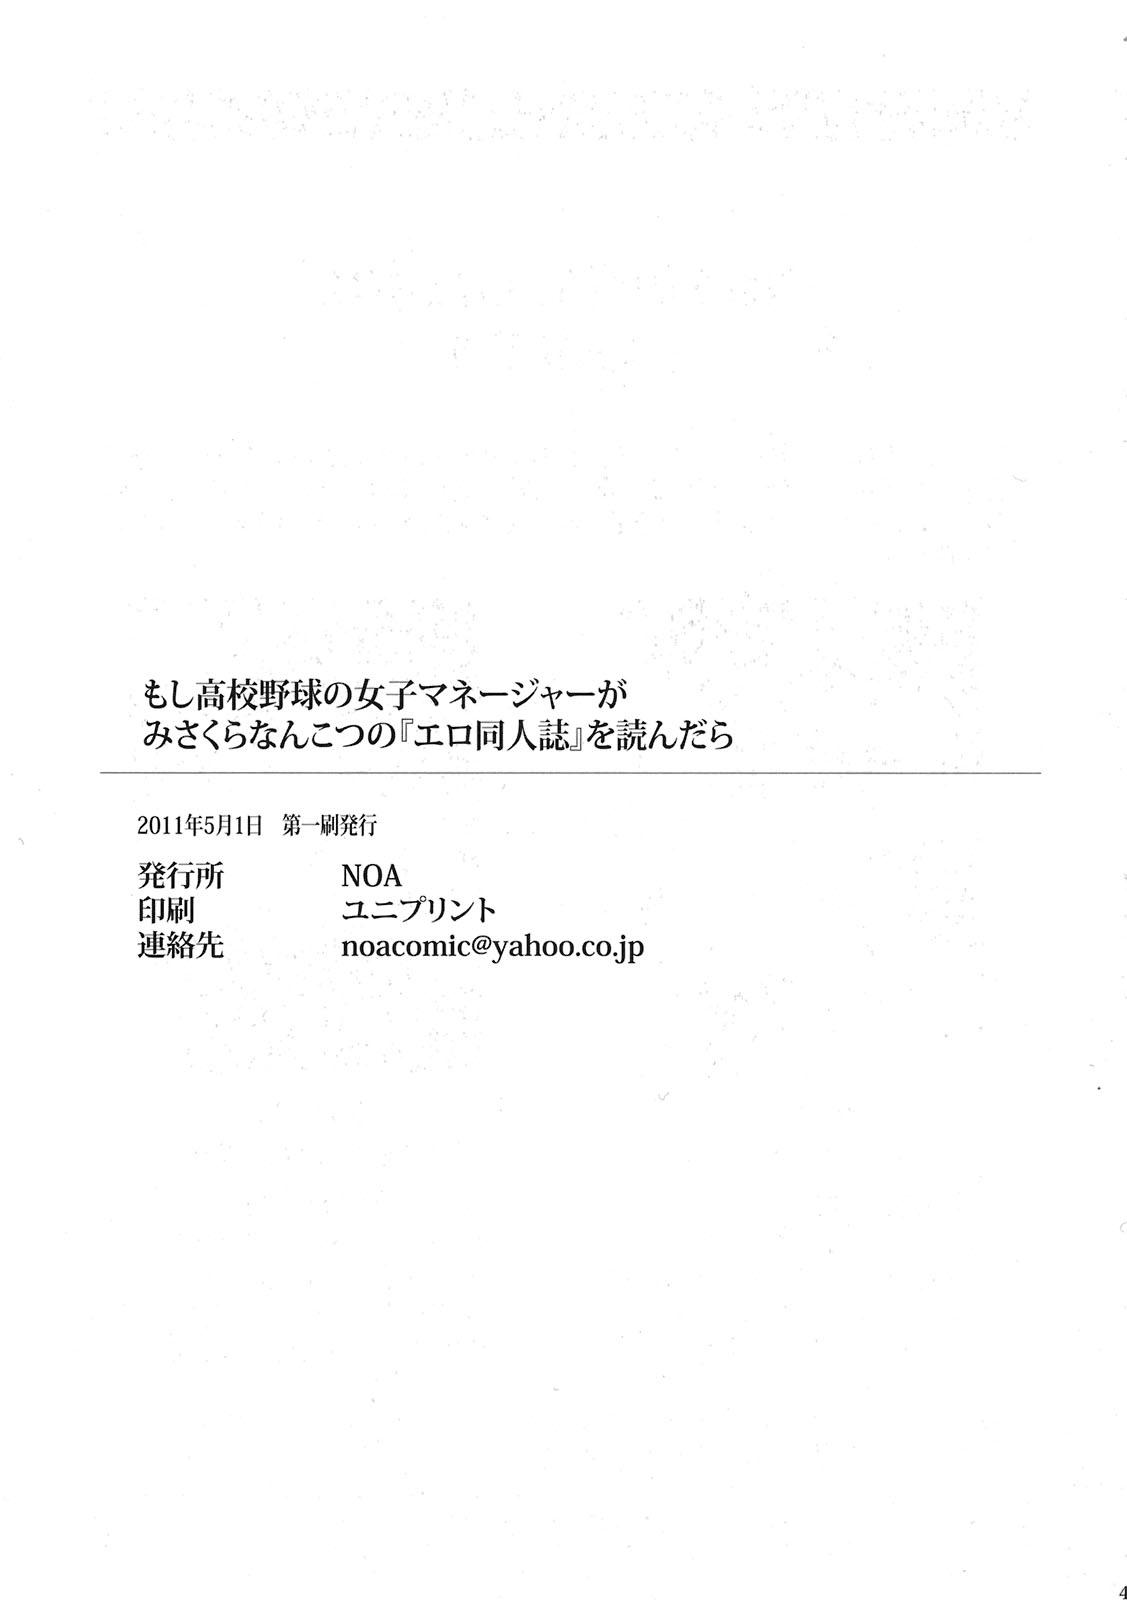 """Moshi Koukou Yakyuu no Joshi Manager ga Misakura Nankotsu no """"Ero Doujinshi"""" wo Yondara 48"""